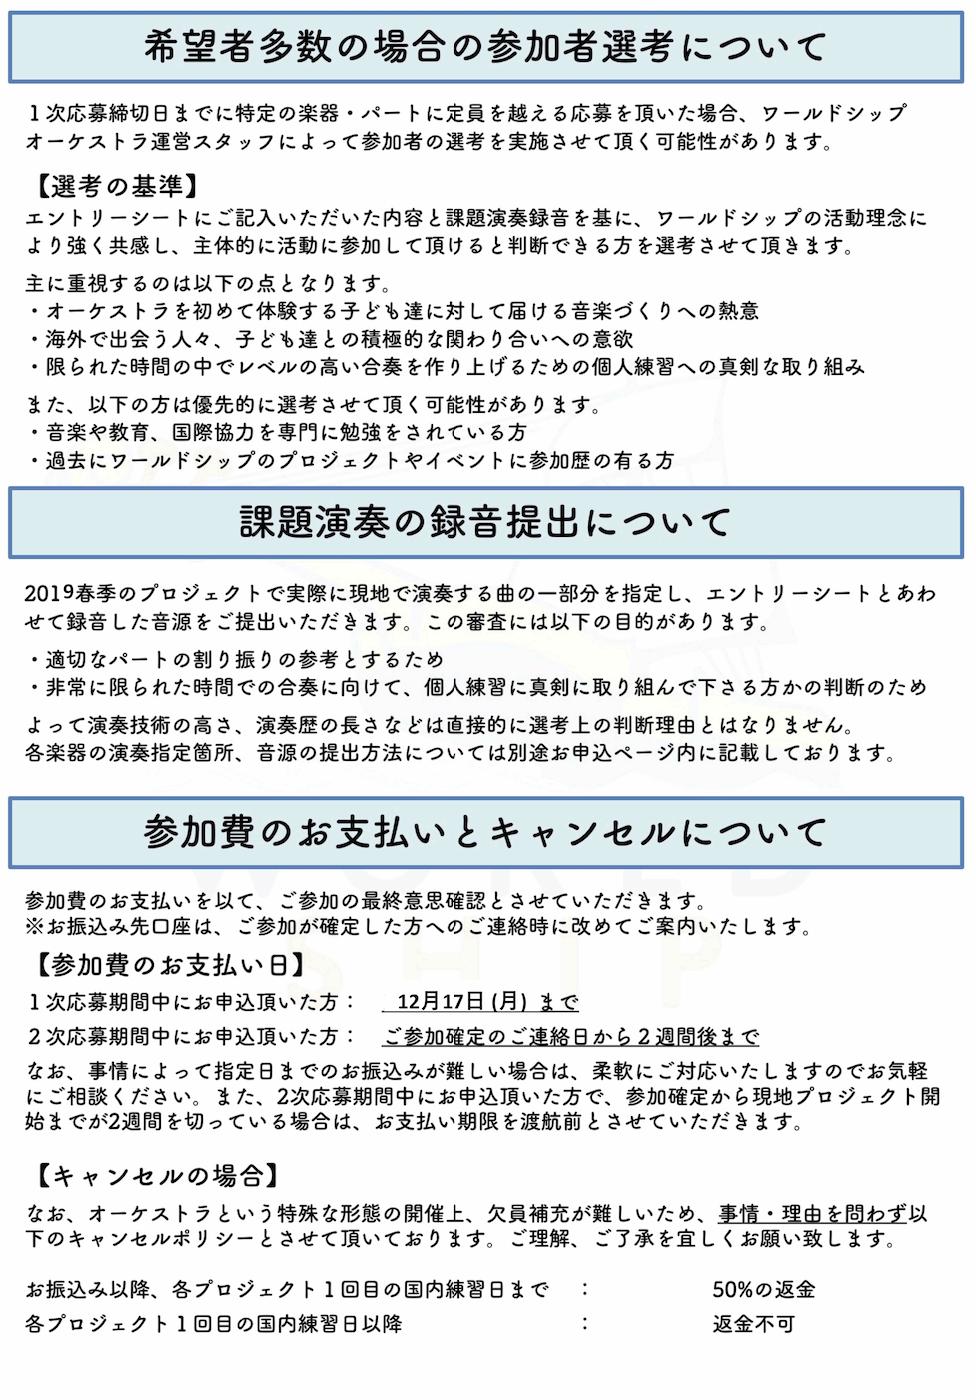 スクリーンショット 2018-06-01 9.29.12